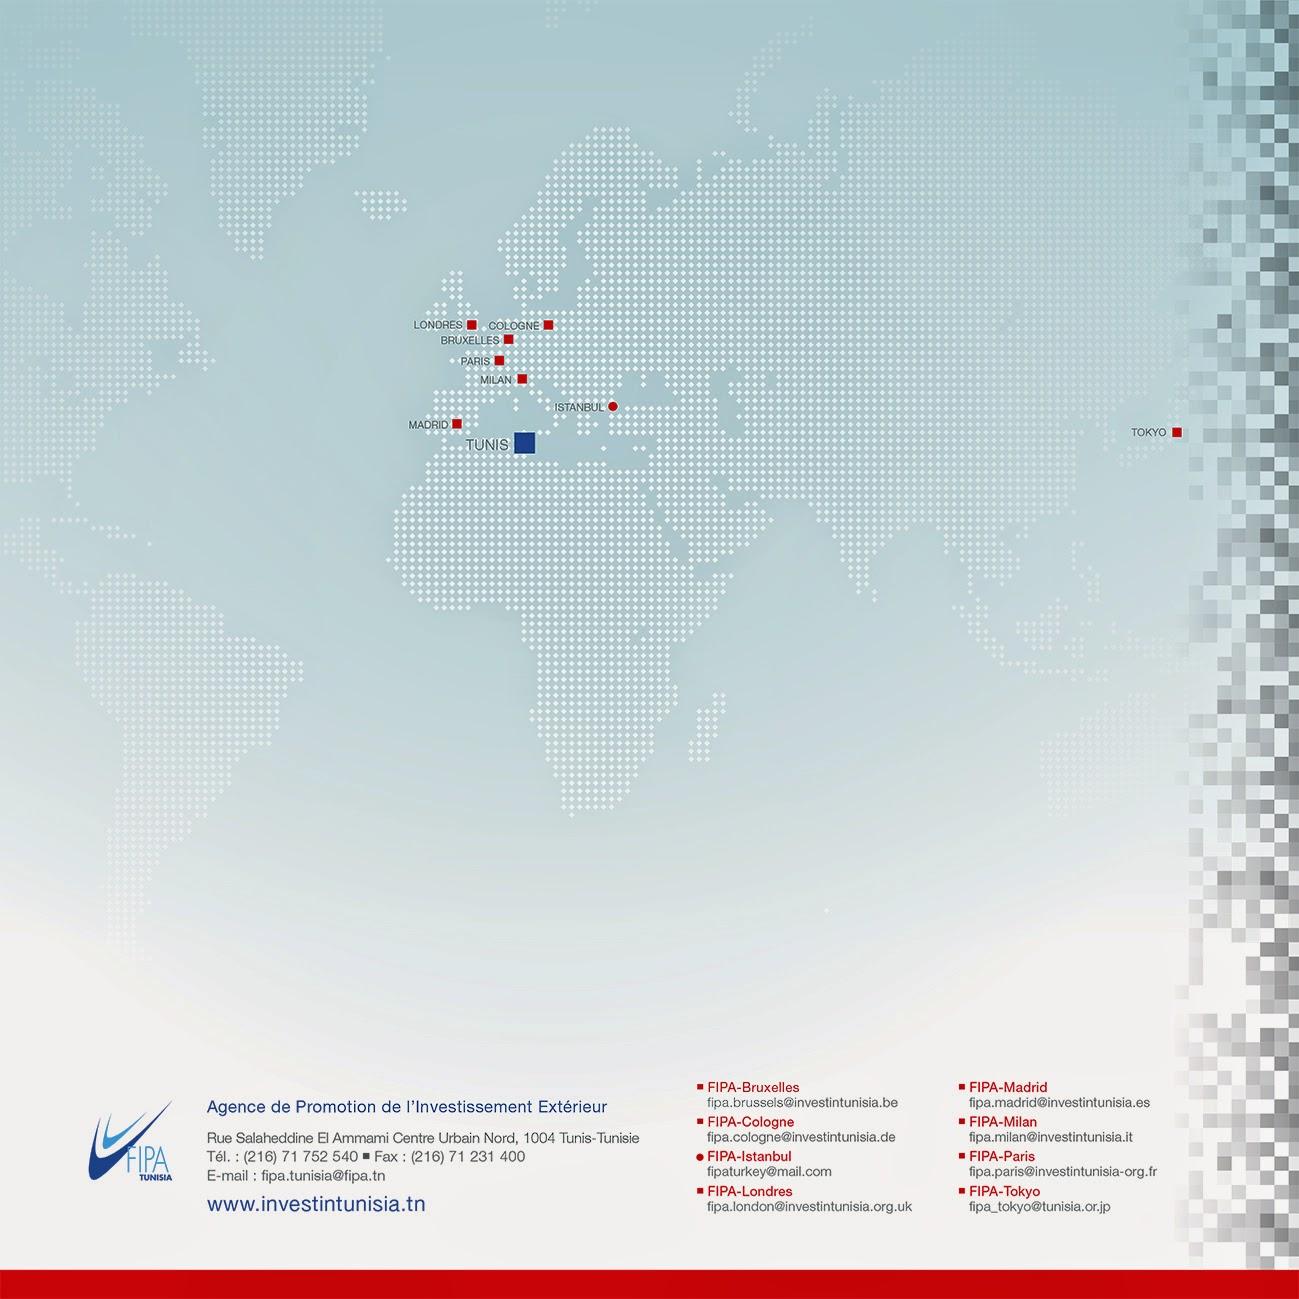 Agence de Promotion de l'Investissement Extérieur — FIPA-Tunisia